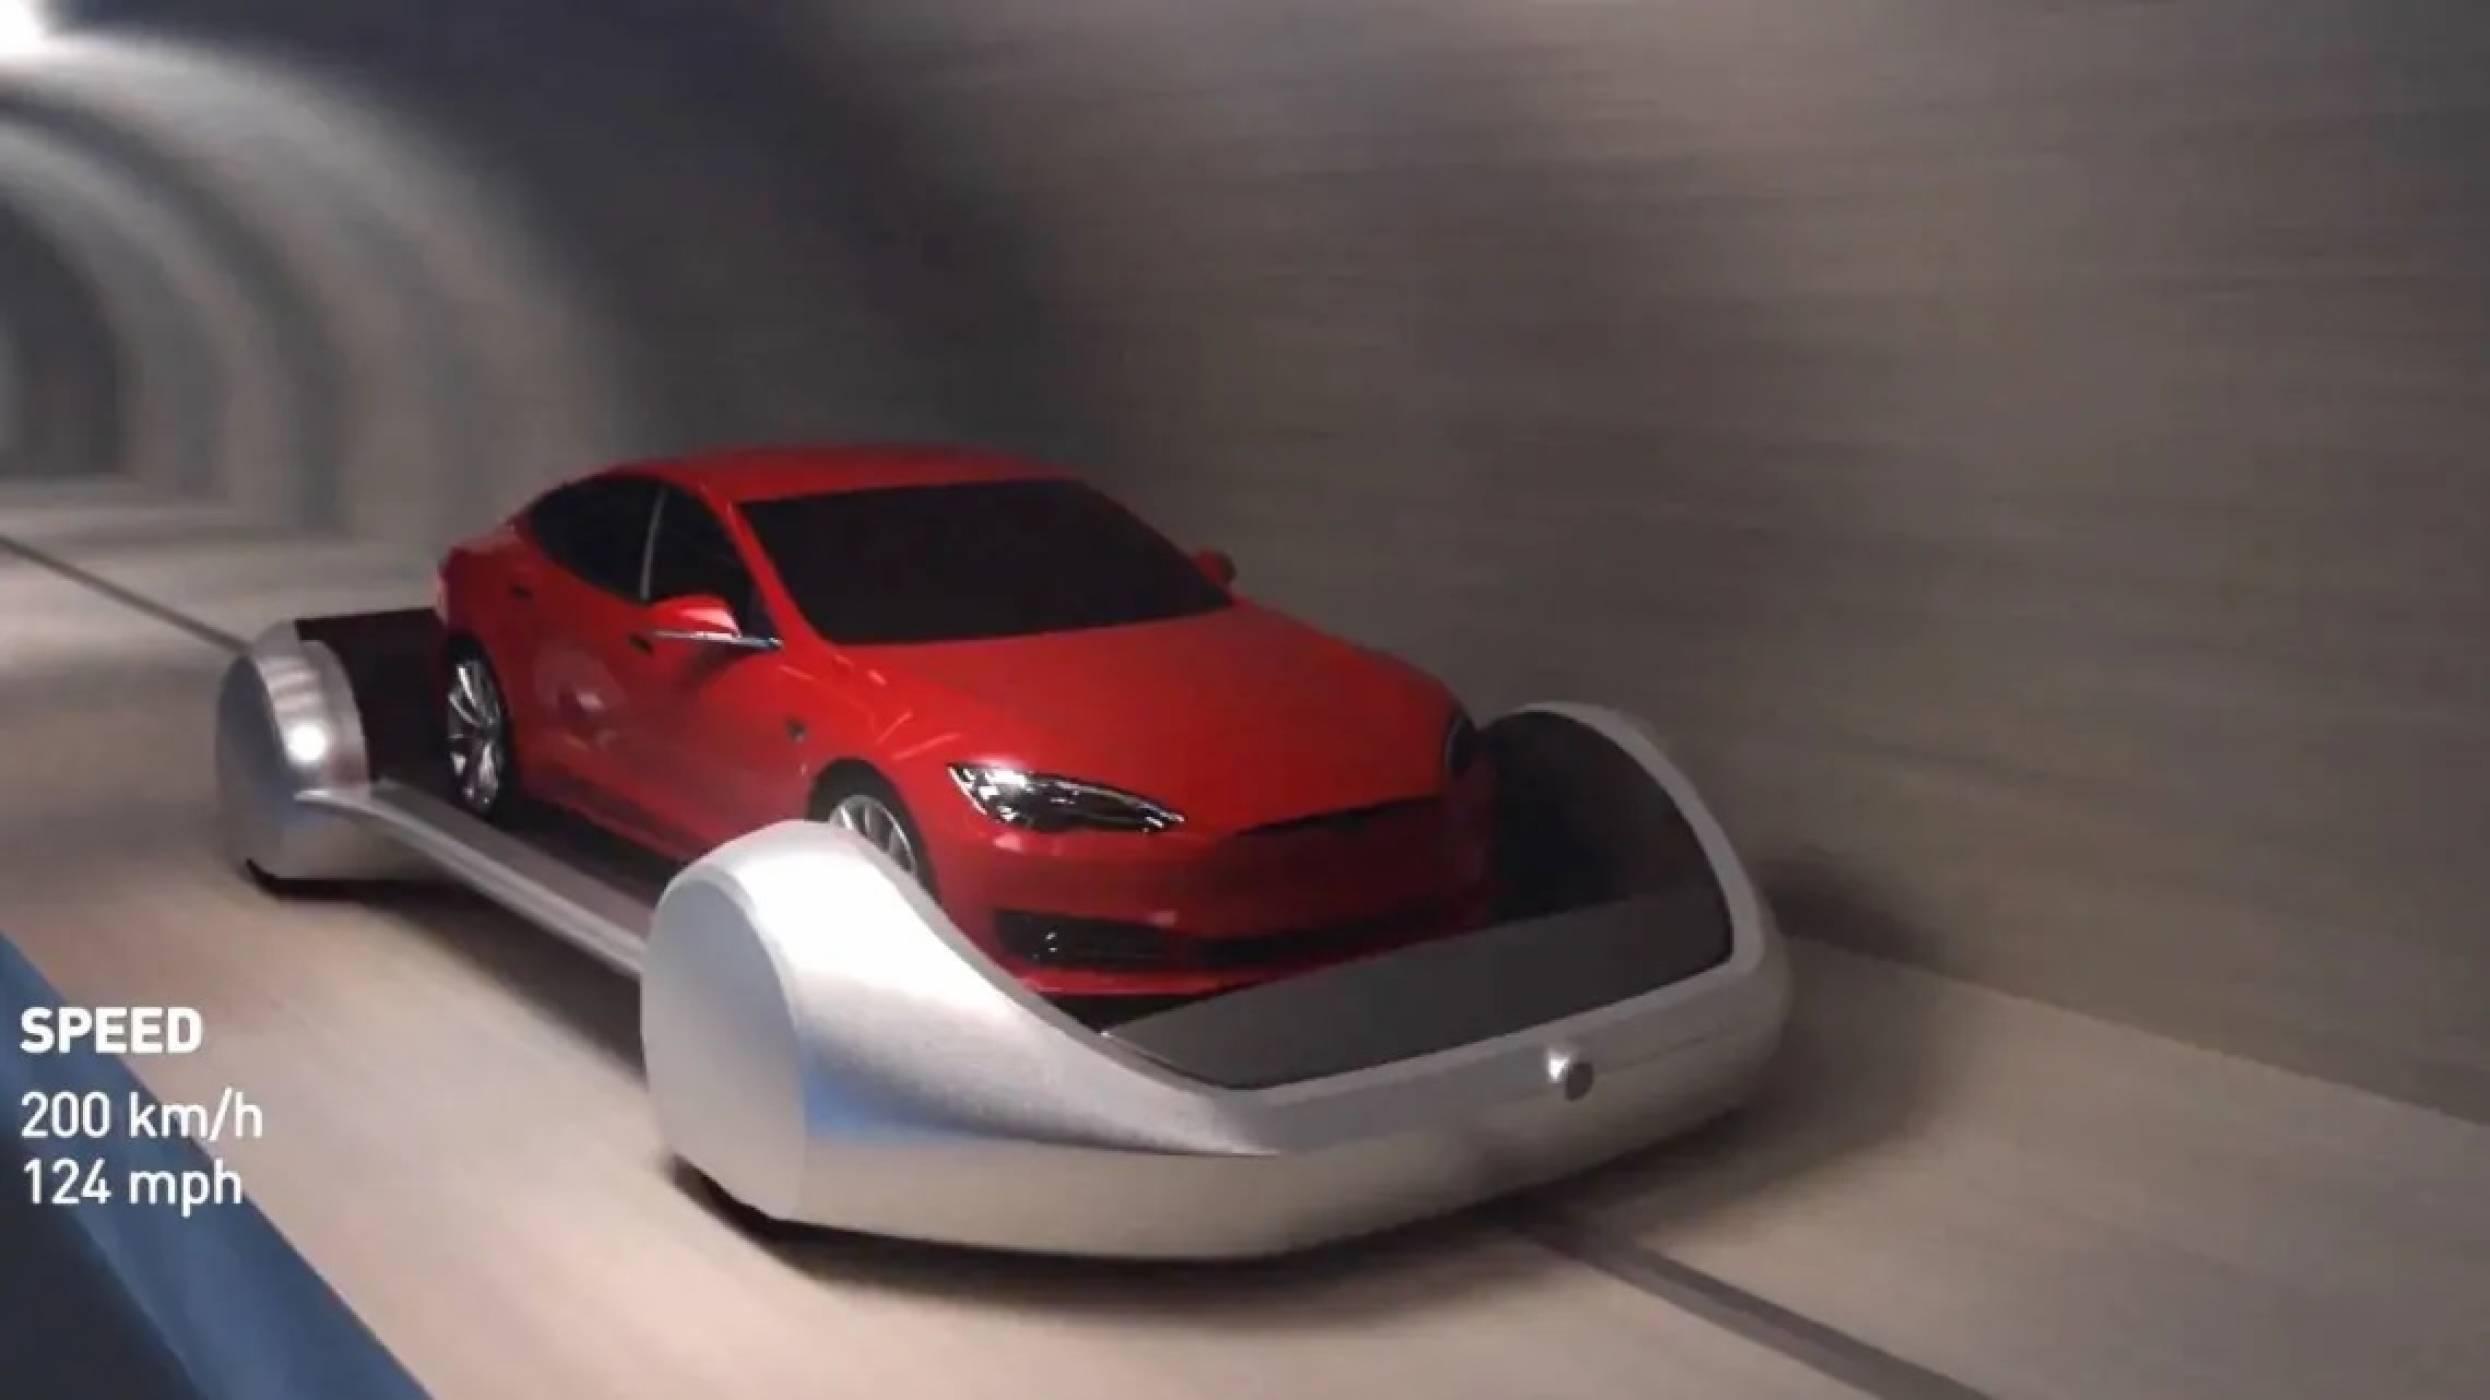 Амбициозният подземен тунел на Мъск в Лас Вегас не може да превозва дори част от очакваните пътници